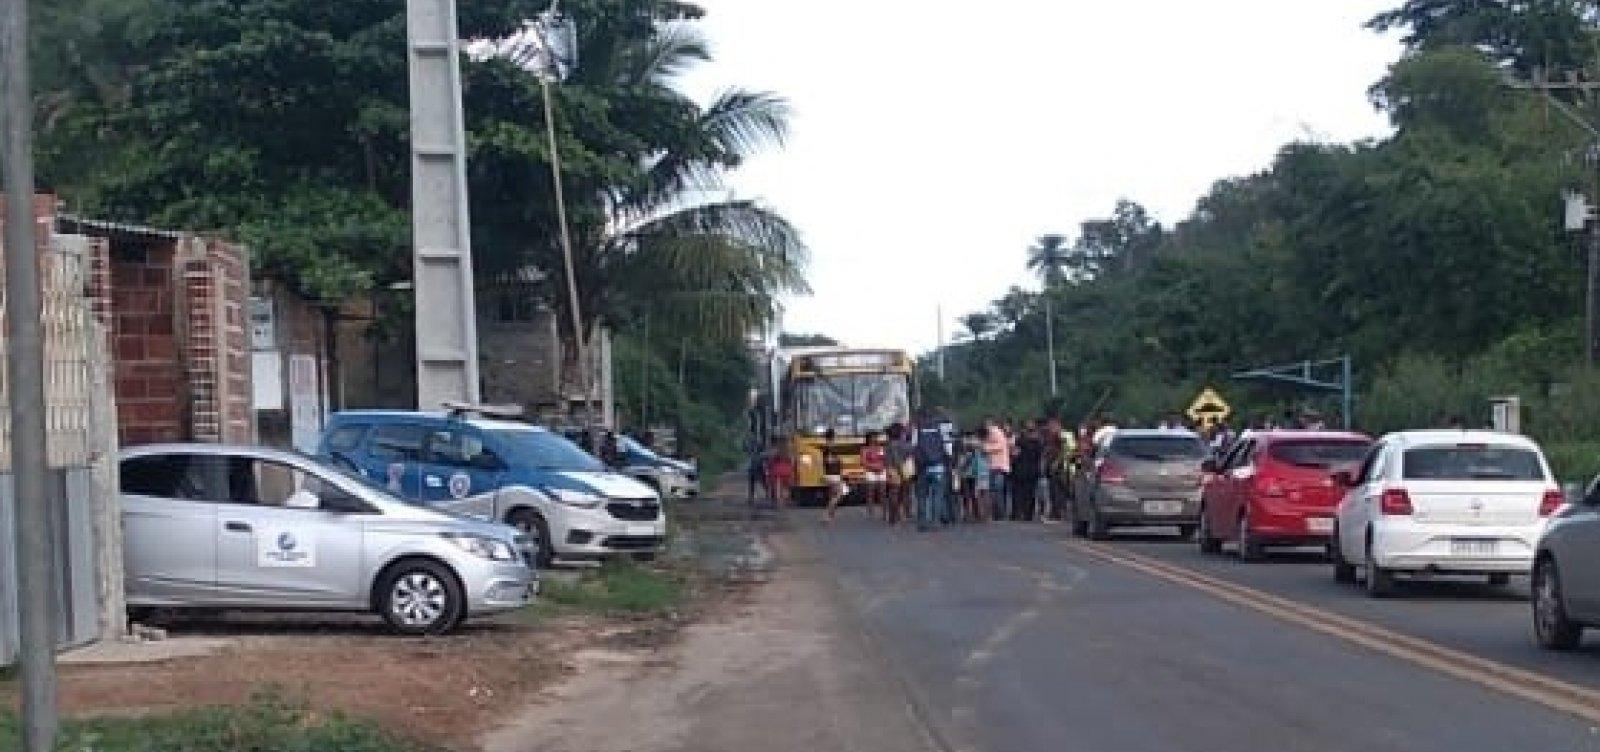 Polícia cita confronto com criminosos e diz que socorreu grávida em Paripe